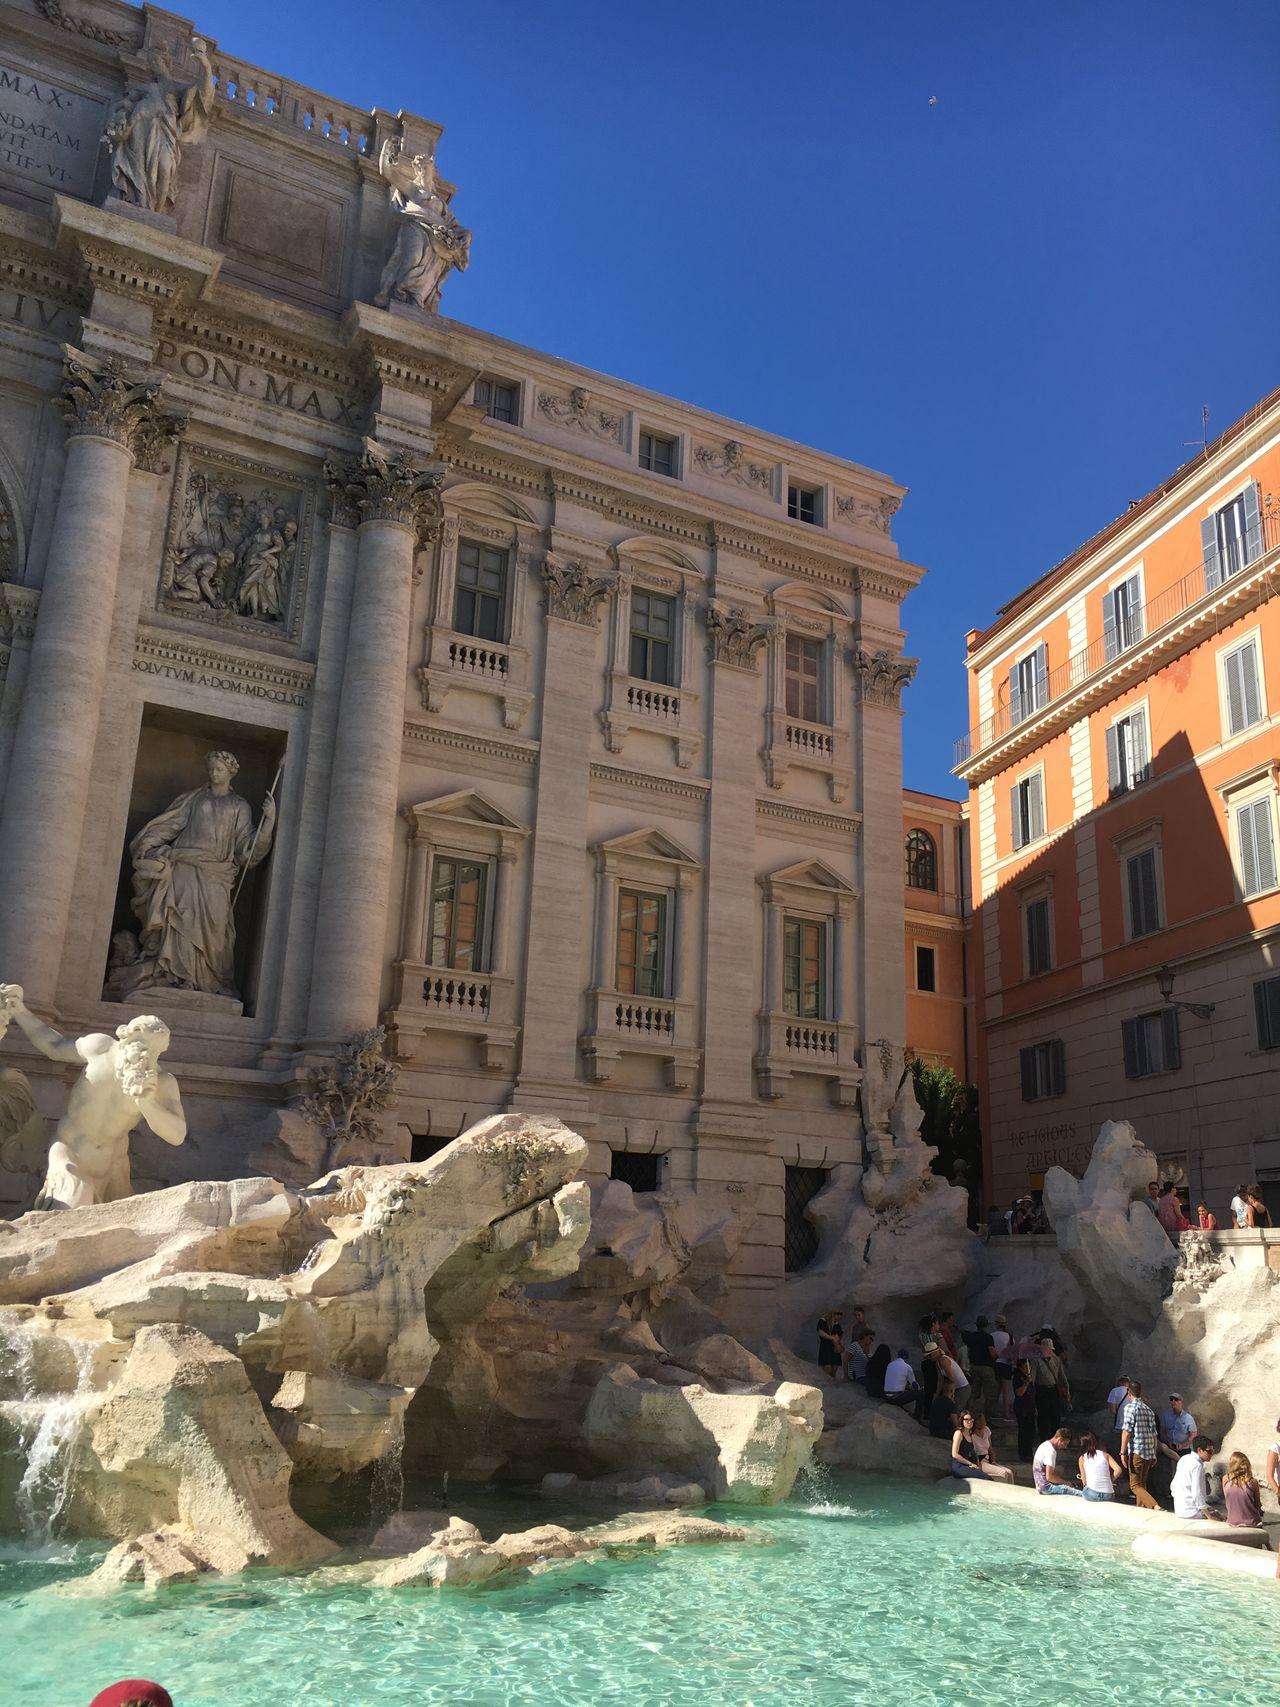 Fontana Di Trevi Fontana Di Trevi Rome Italy My Summer Vacation 2016 Roma Trevi Fountain